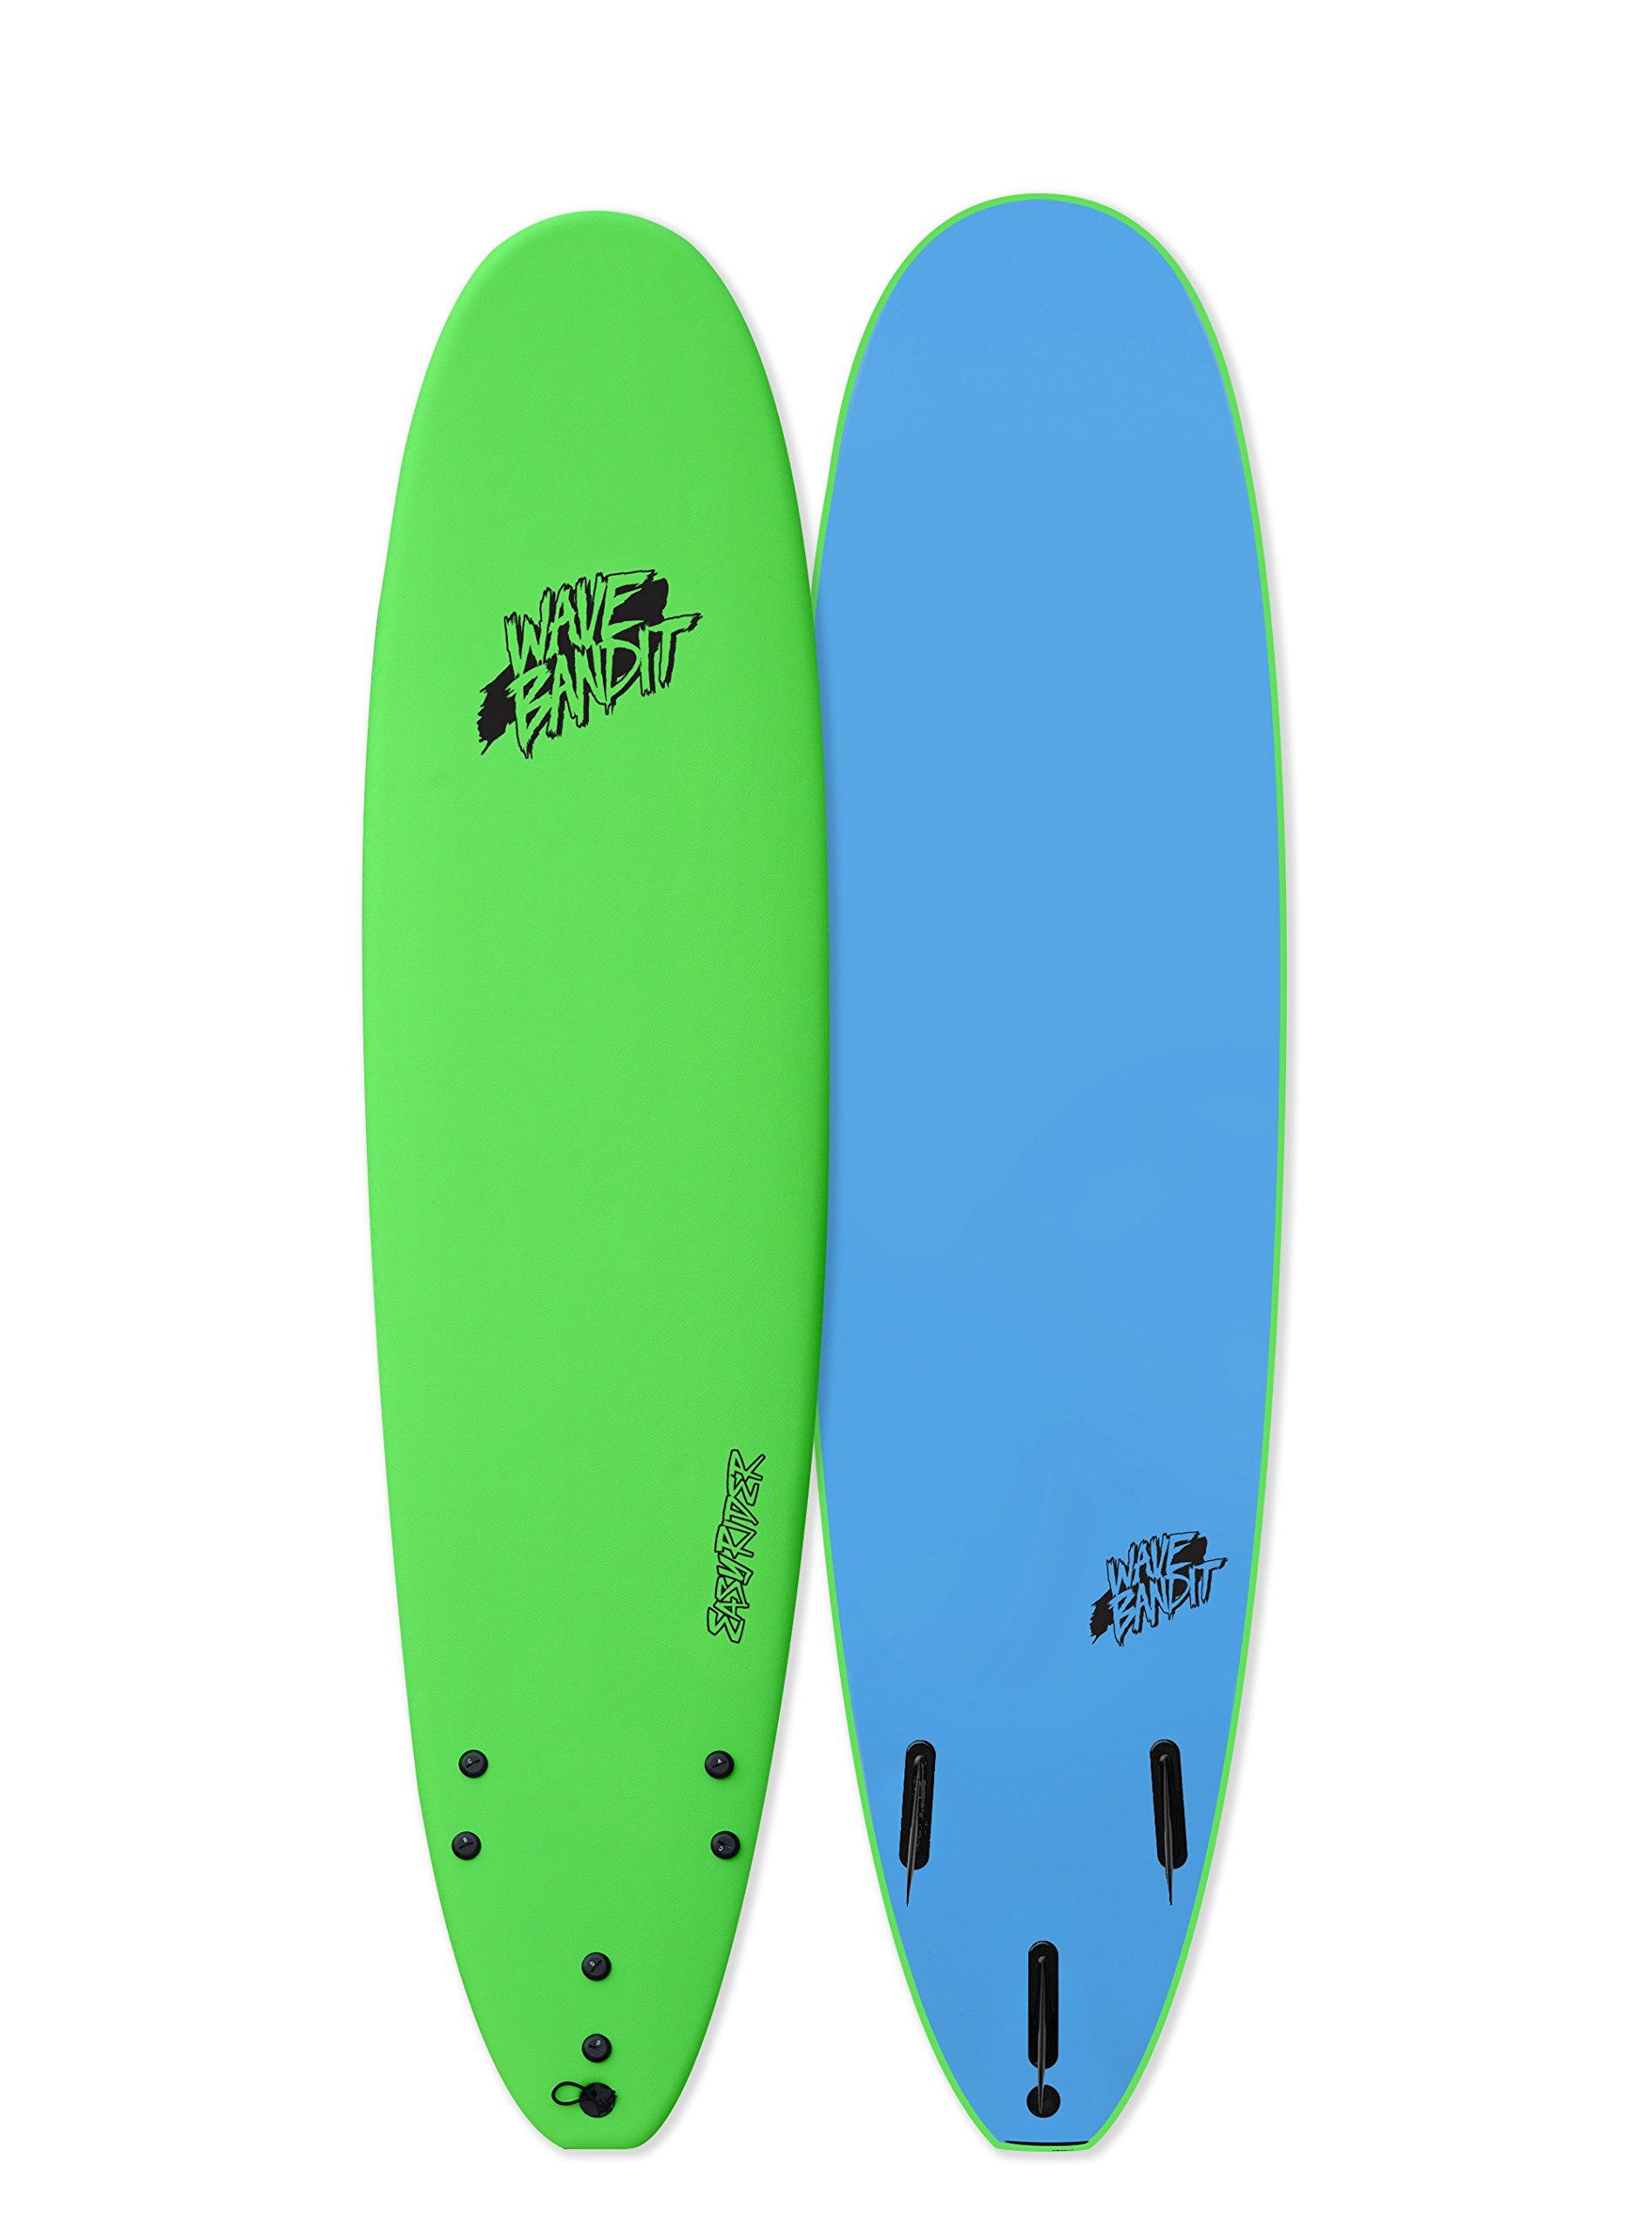 Wave Bandit Catch Surf EZ Rider 8'0'' Short Surf Board, Neon Green by Wave Bandit